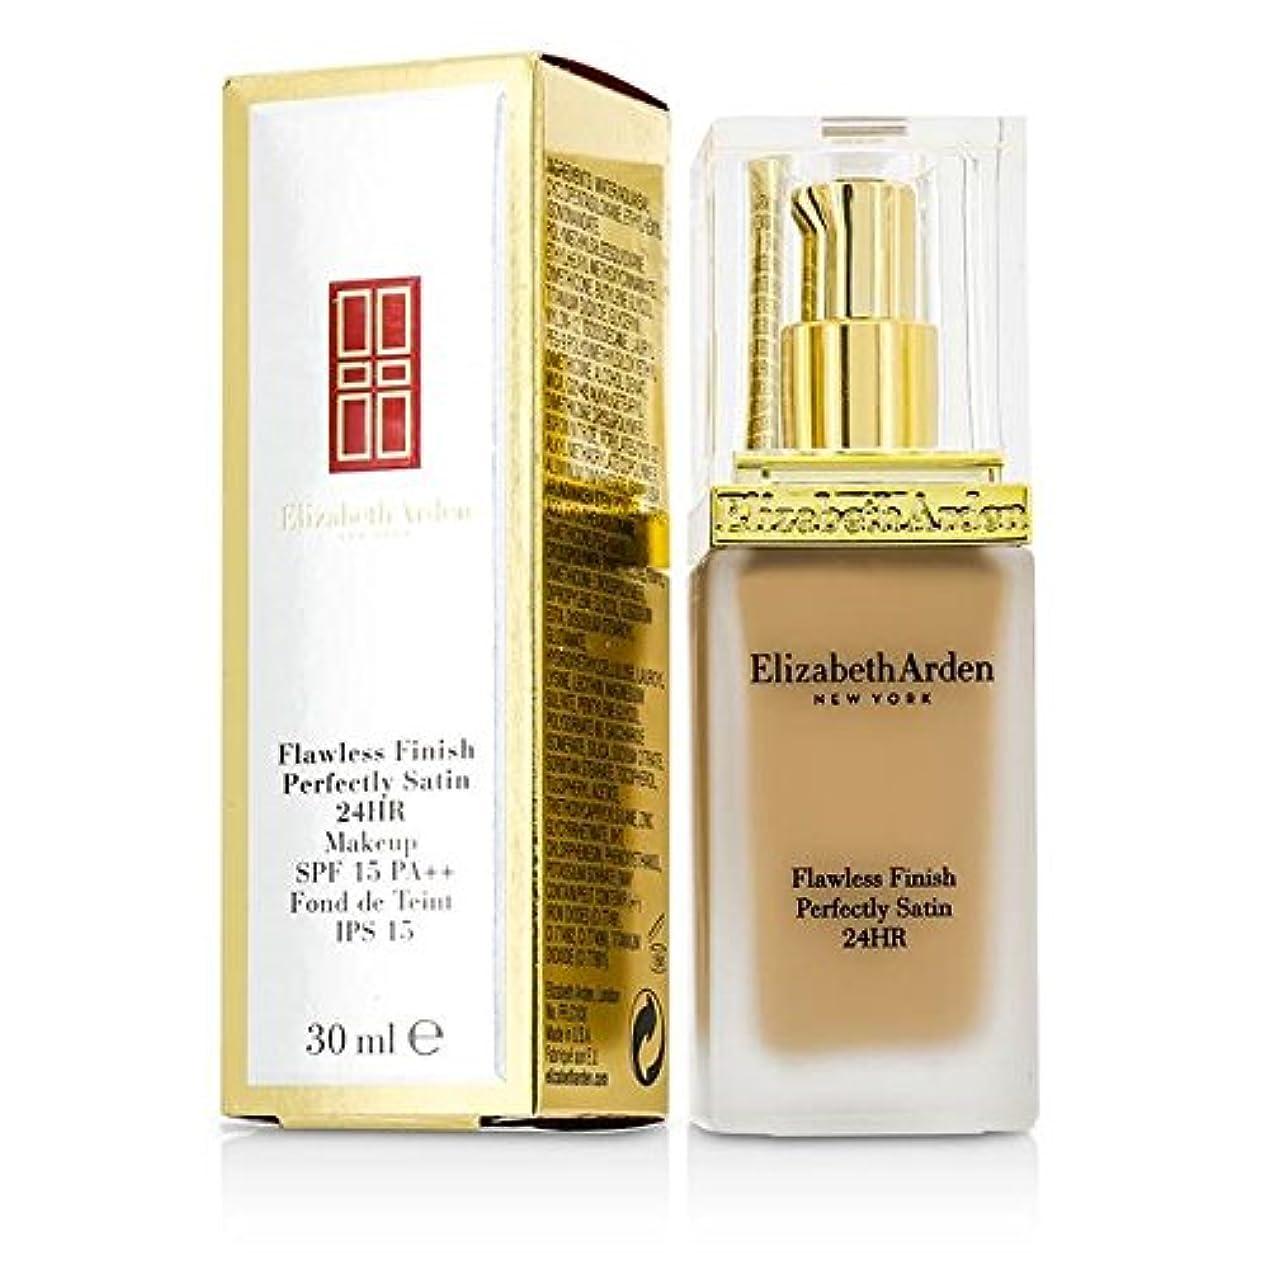 うなる高さ形式エリザベスアーデン フロウレスフィニッシュパーフェクトリーサテン24HRメイクアップ SPF15 #06 Cream